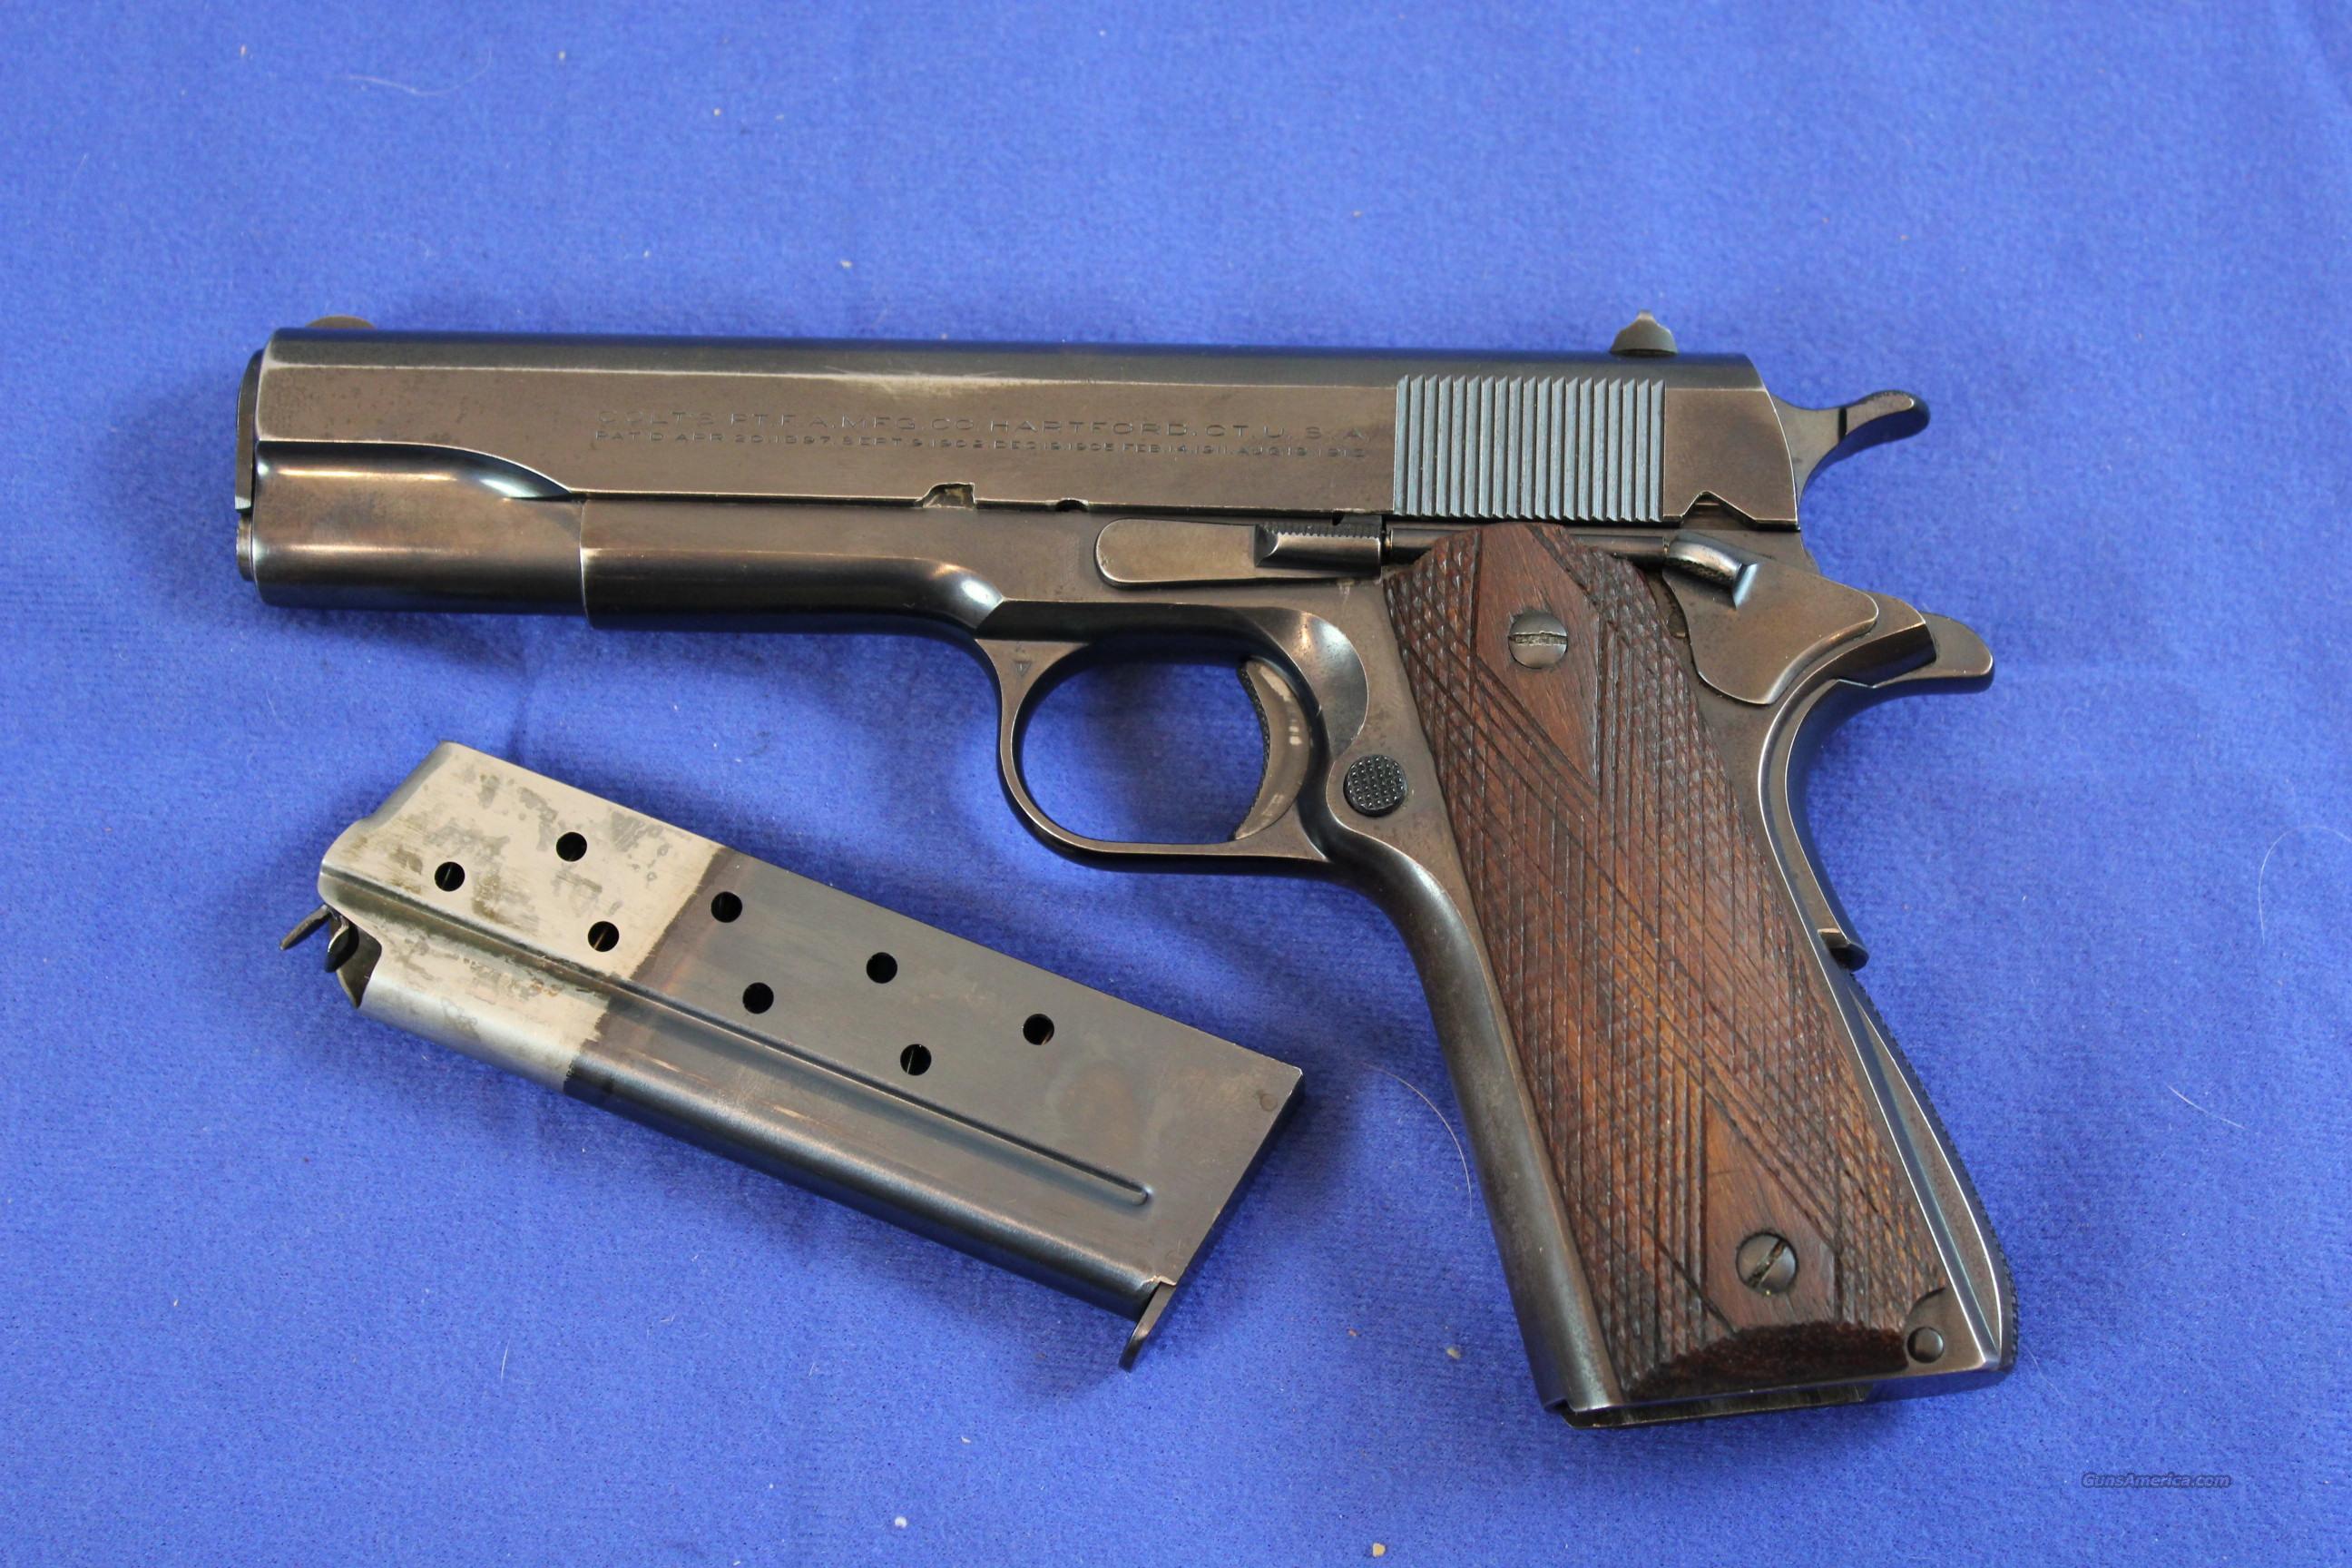 Colt 1911 Slide Serial Number Location